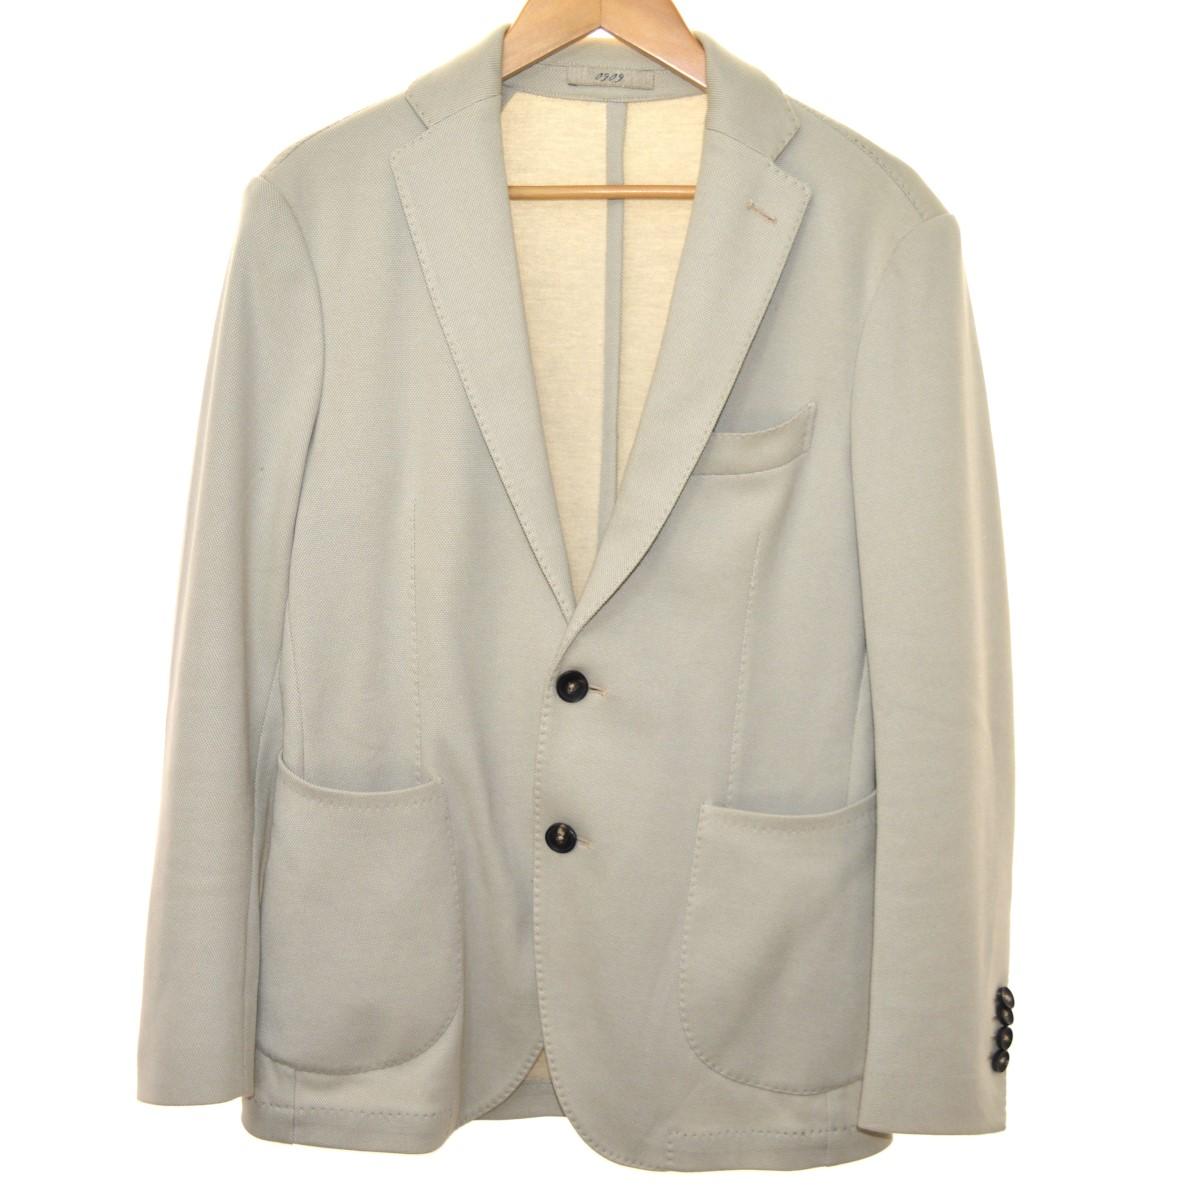 【中古】09097-N テーラードジャケット アイボリー サイズ:44 【5月14日見直し】